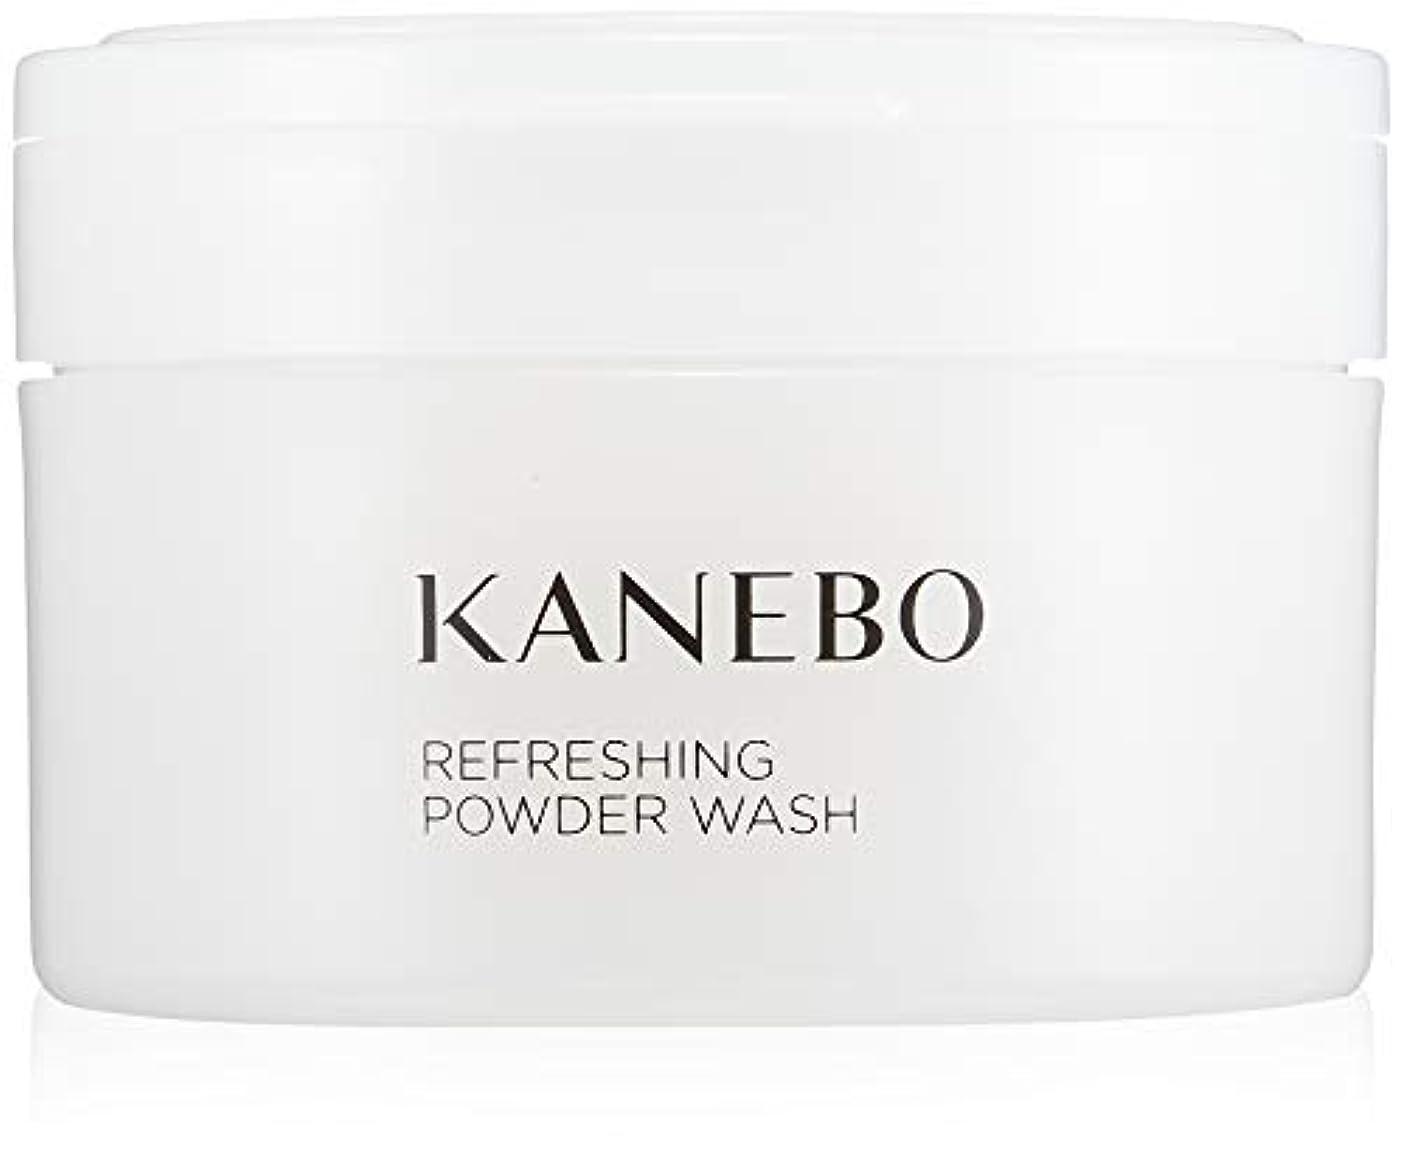 専制はねかけるペパーミントKANEBO(カネボウ) カネボウ リフレッシング パウダー ウォッシュ 洗顔パウダー